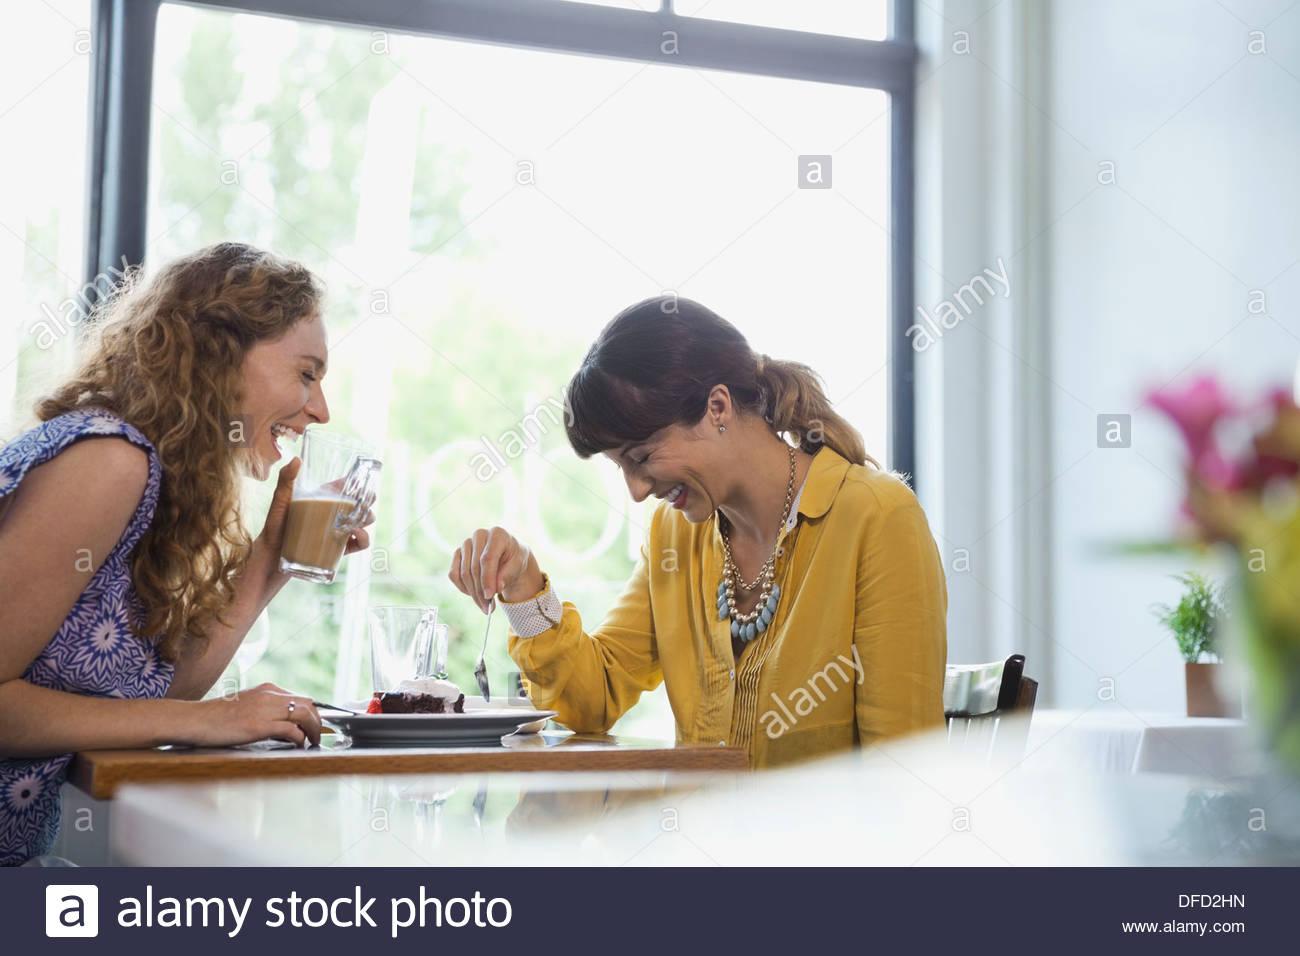 Allegro amiche ridere in ristorante Immagini Stock